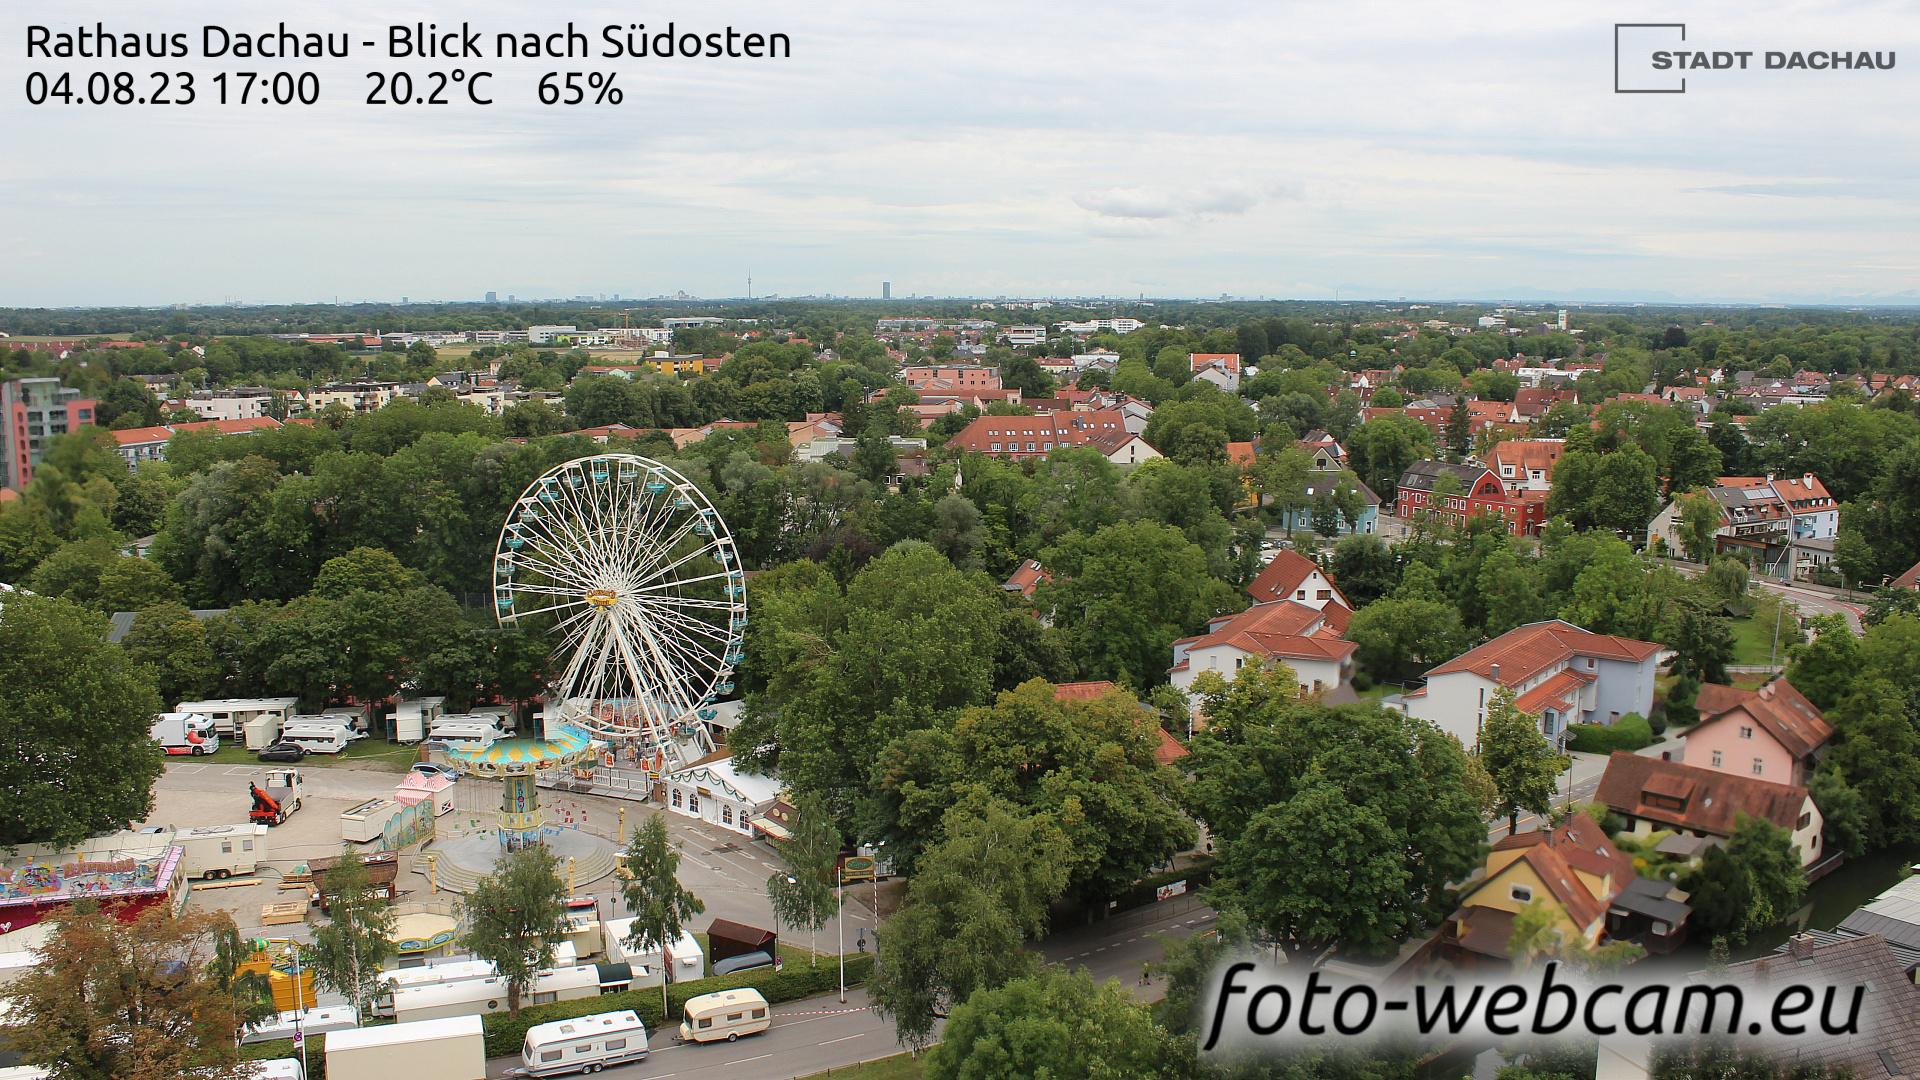 Dachau Tue. 17:09